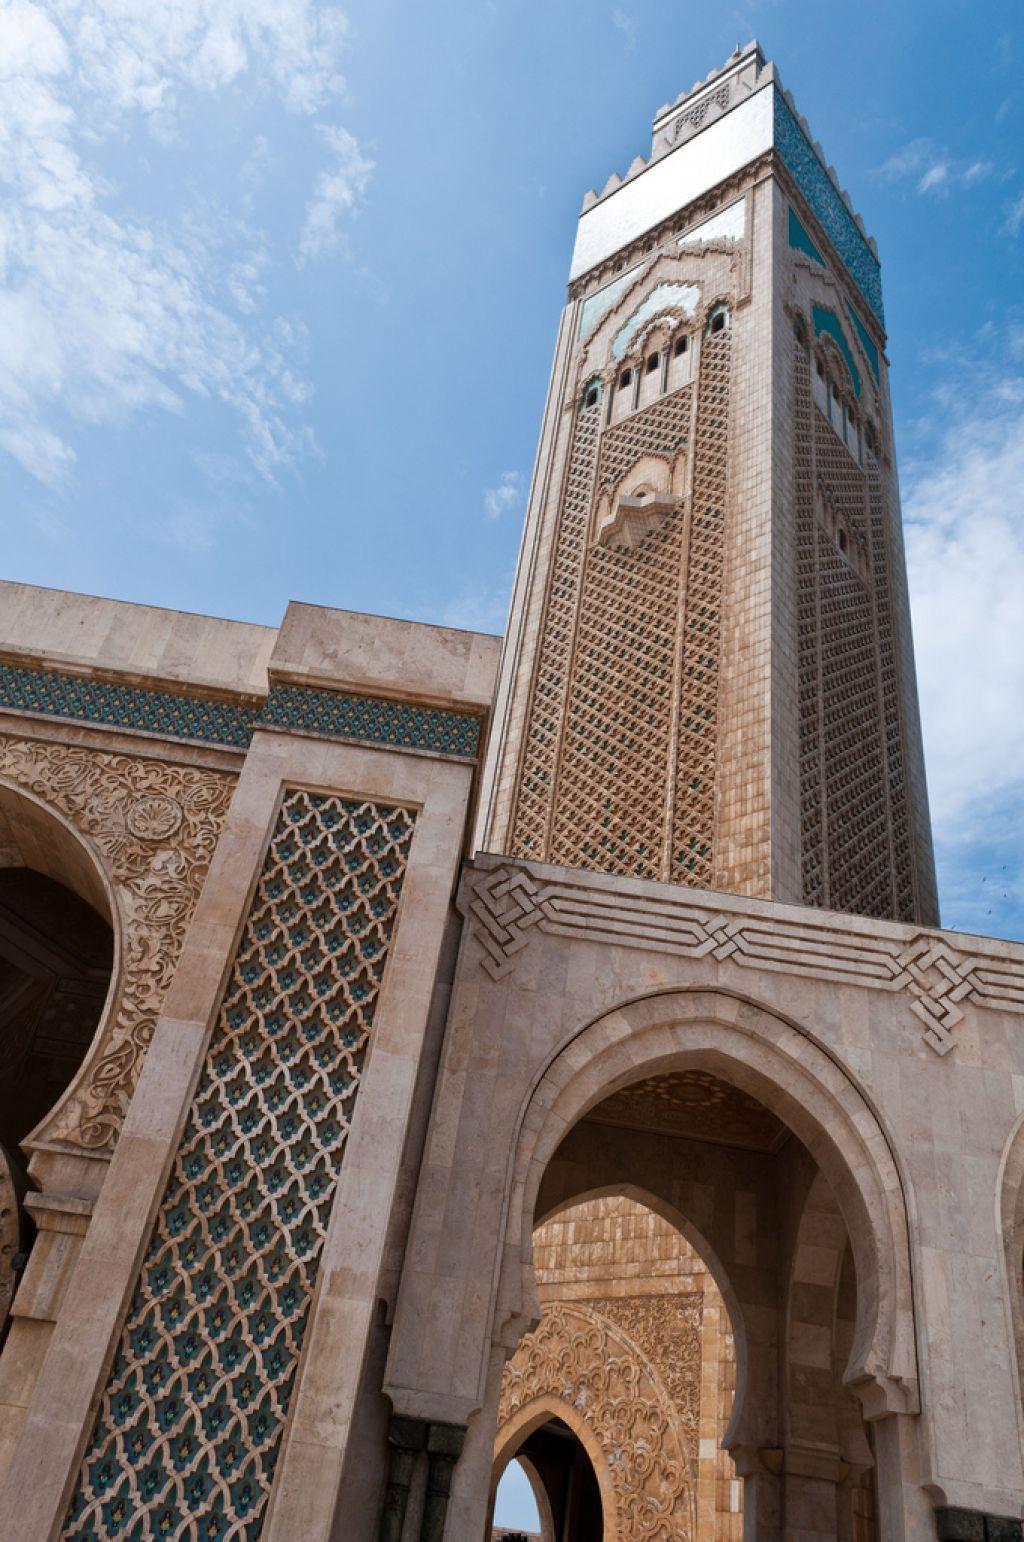 hassan ii mosque2 Hassan II Mosque in Casablanca, Morocco